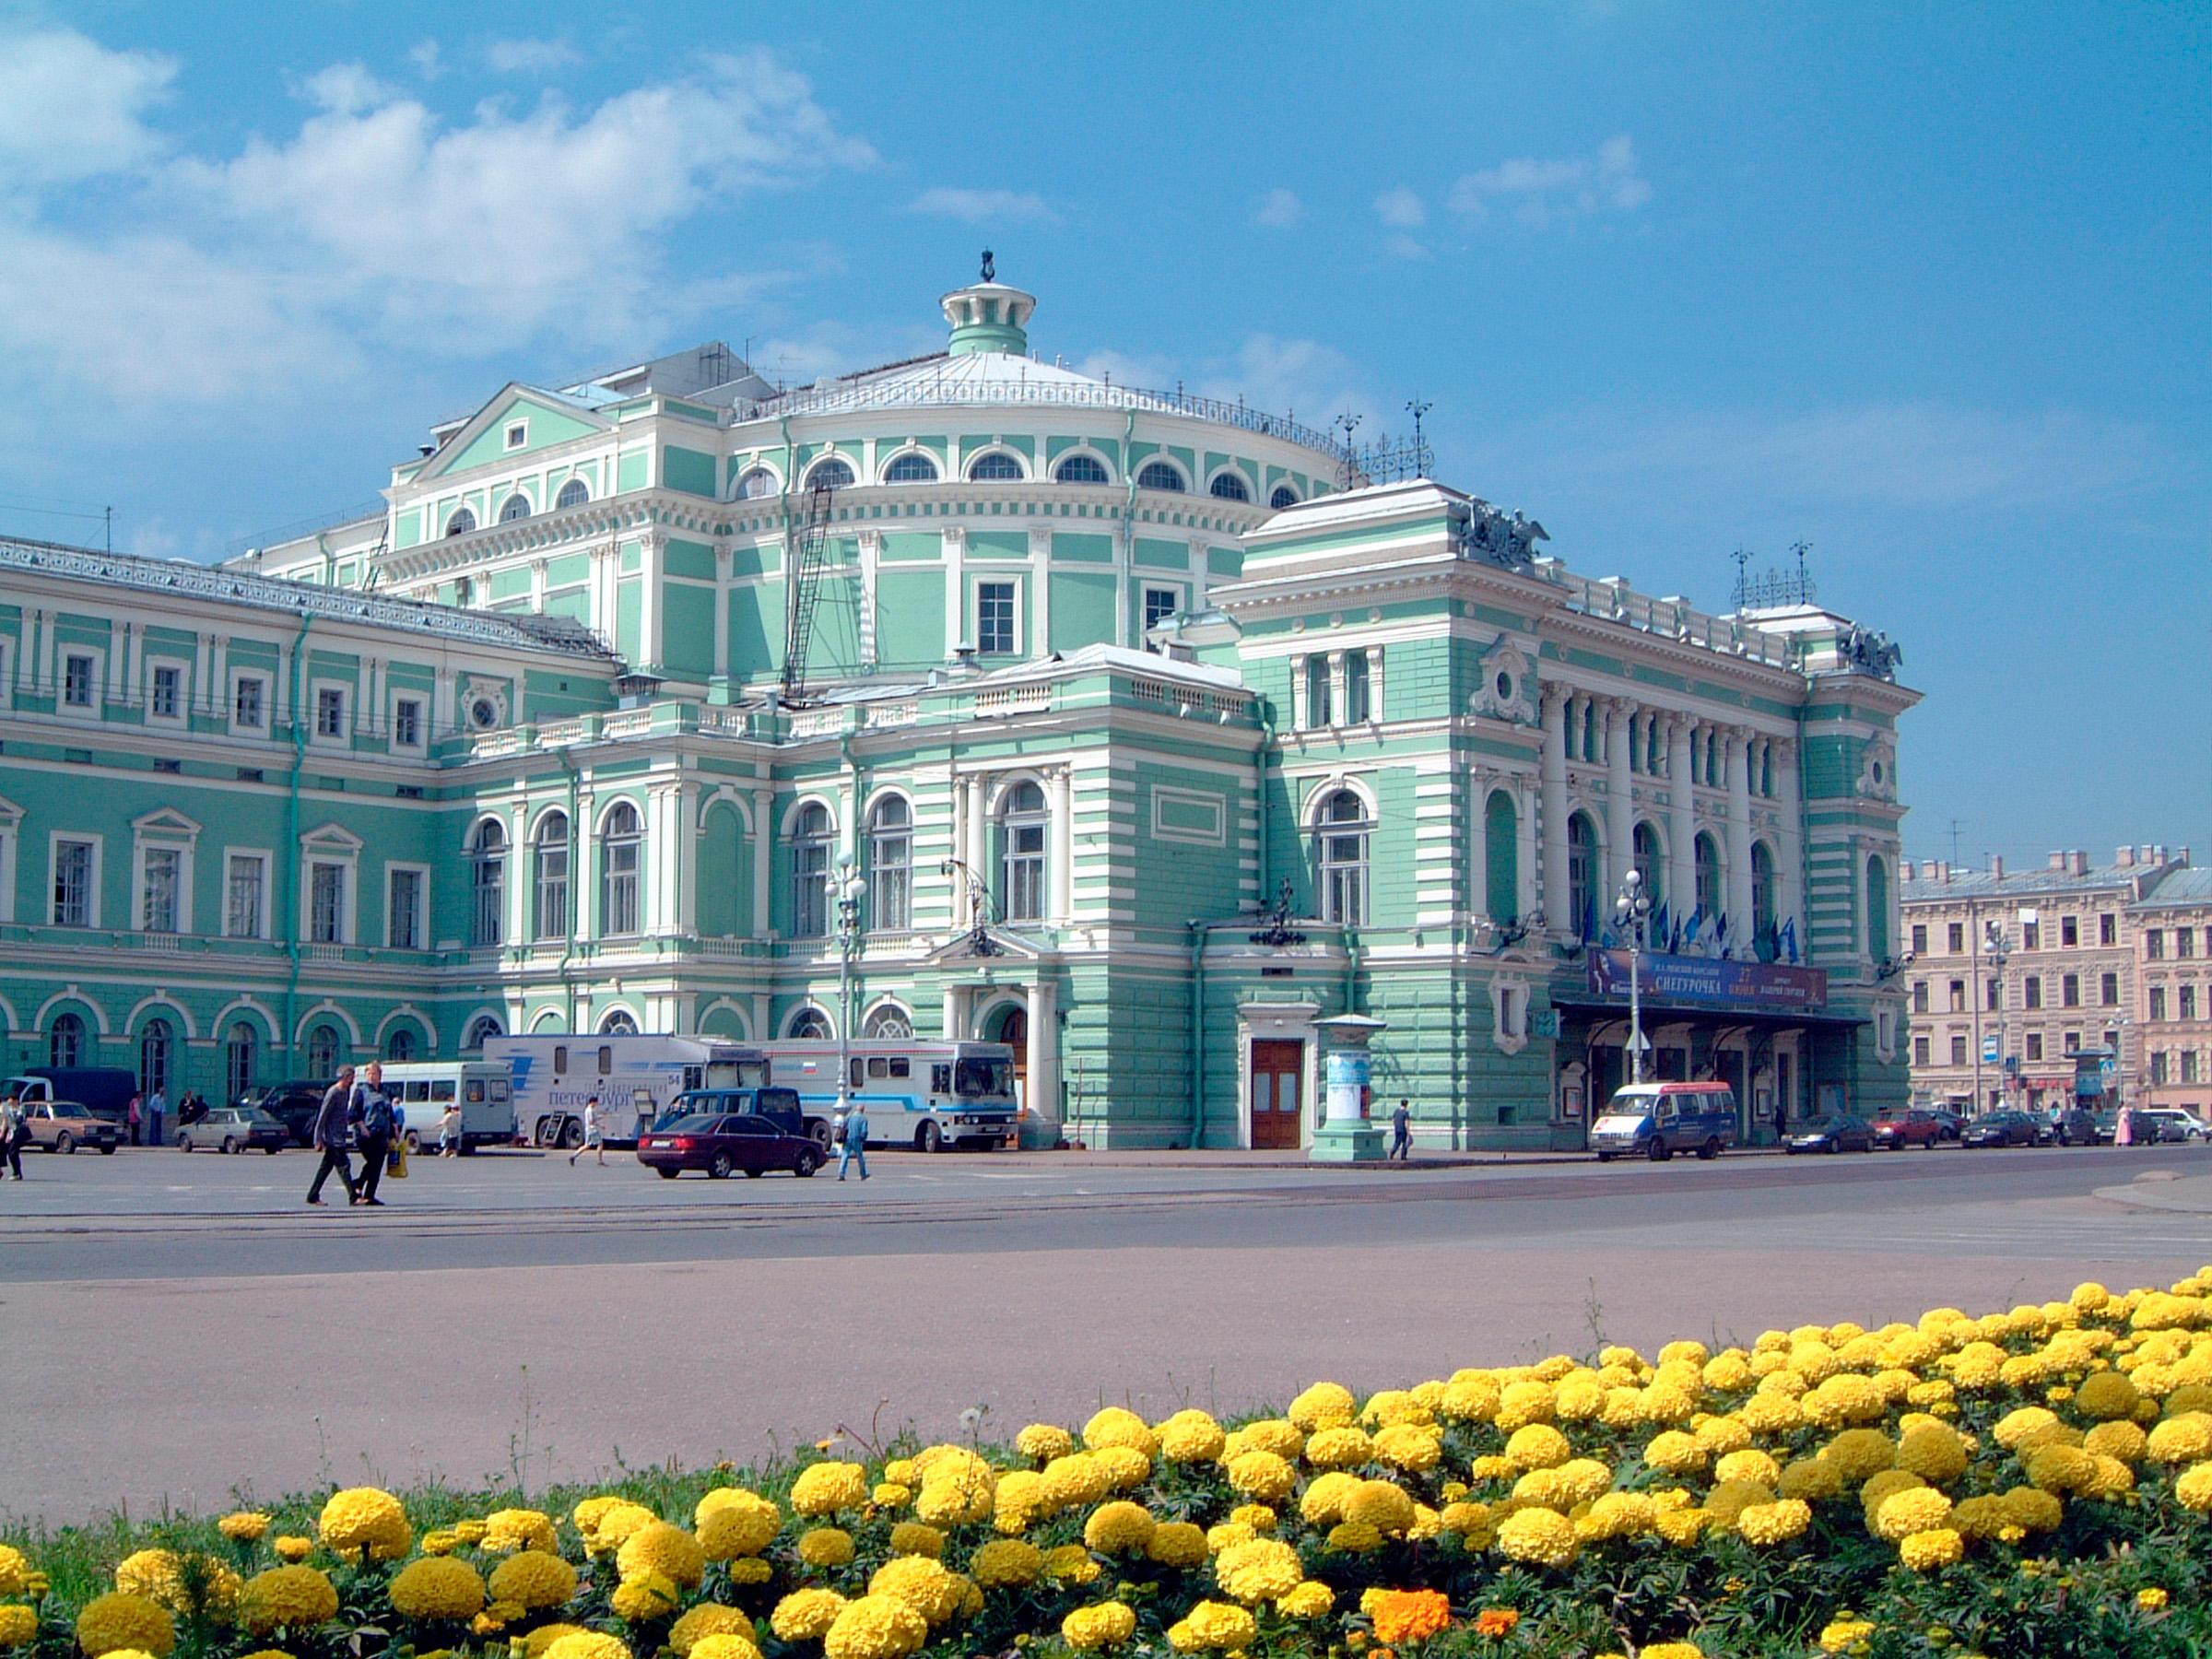 Мариинский театр, Санкт-Петербург, Россия